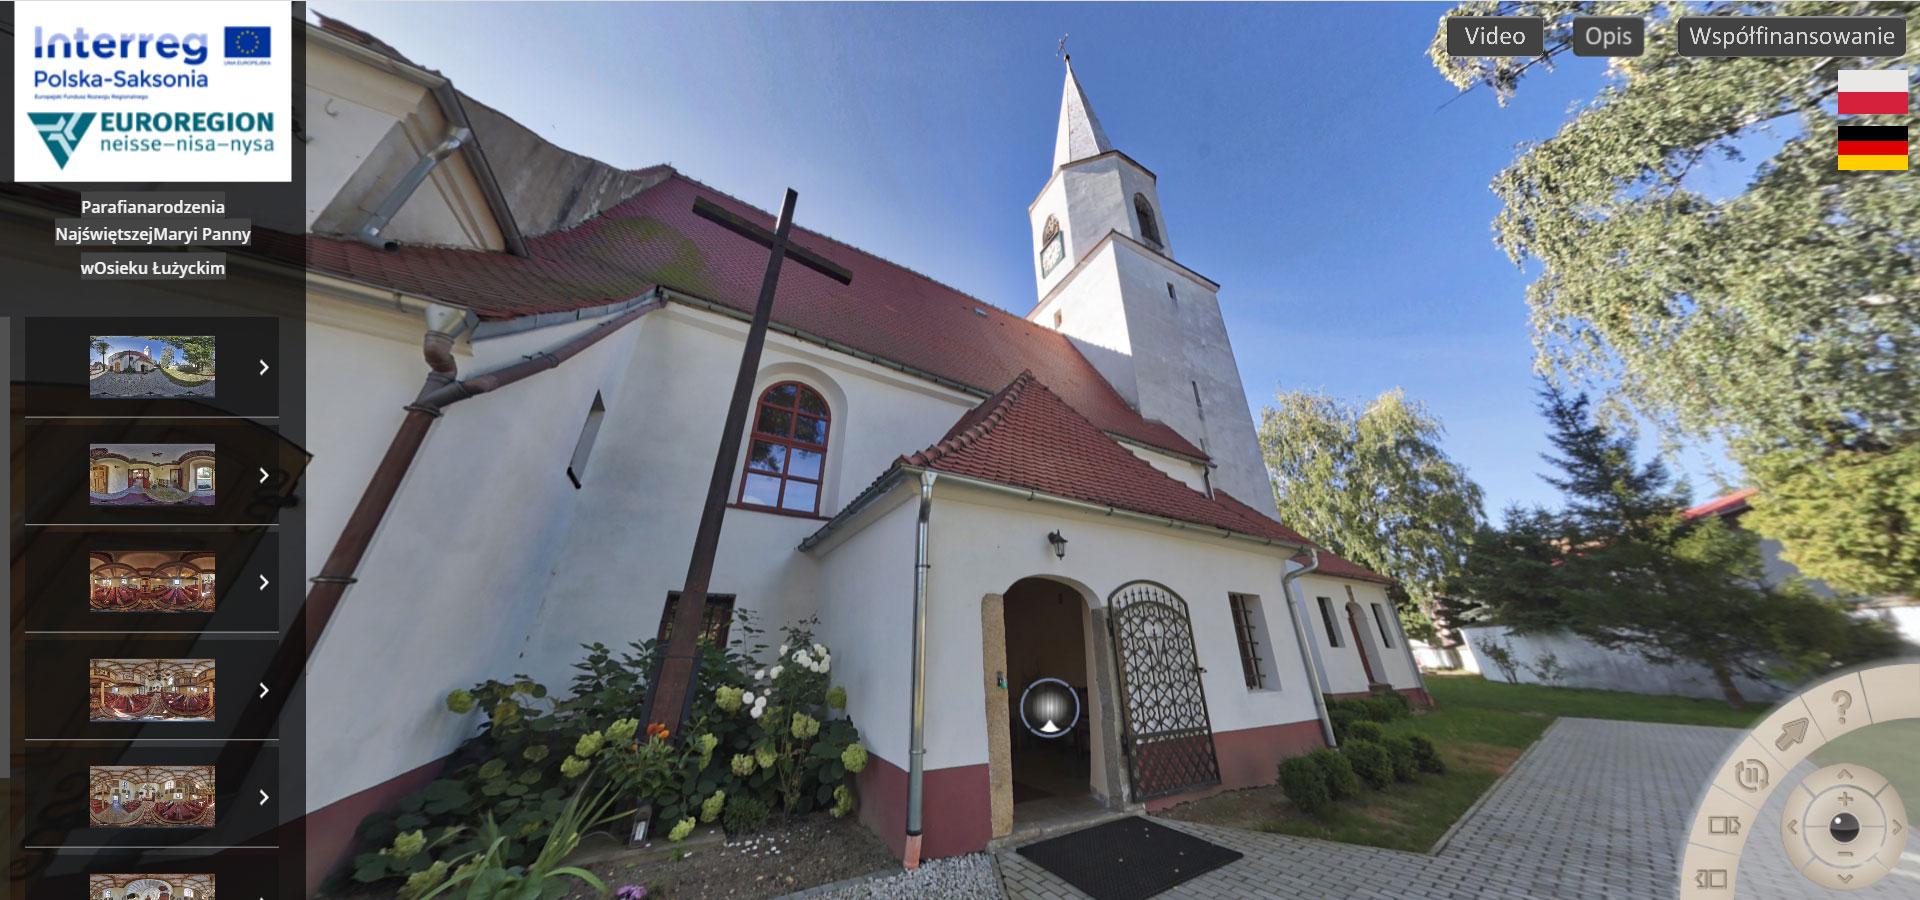 Parafialny-w-Osieku